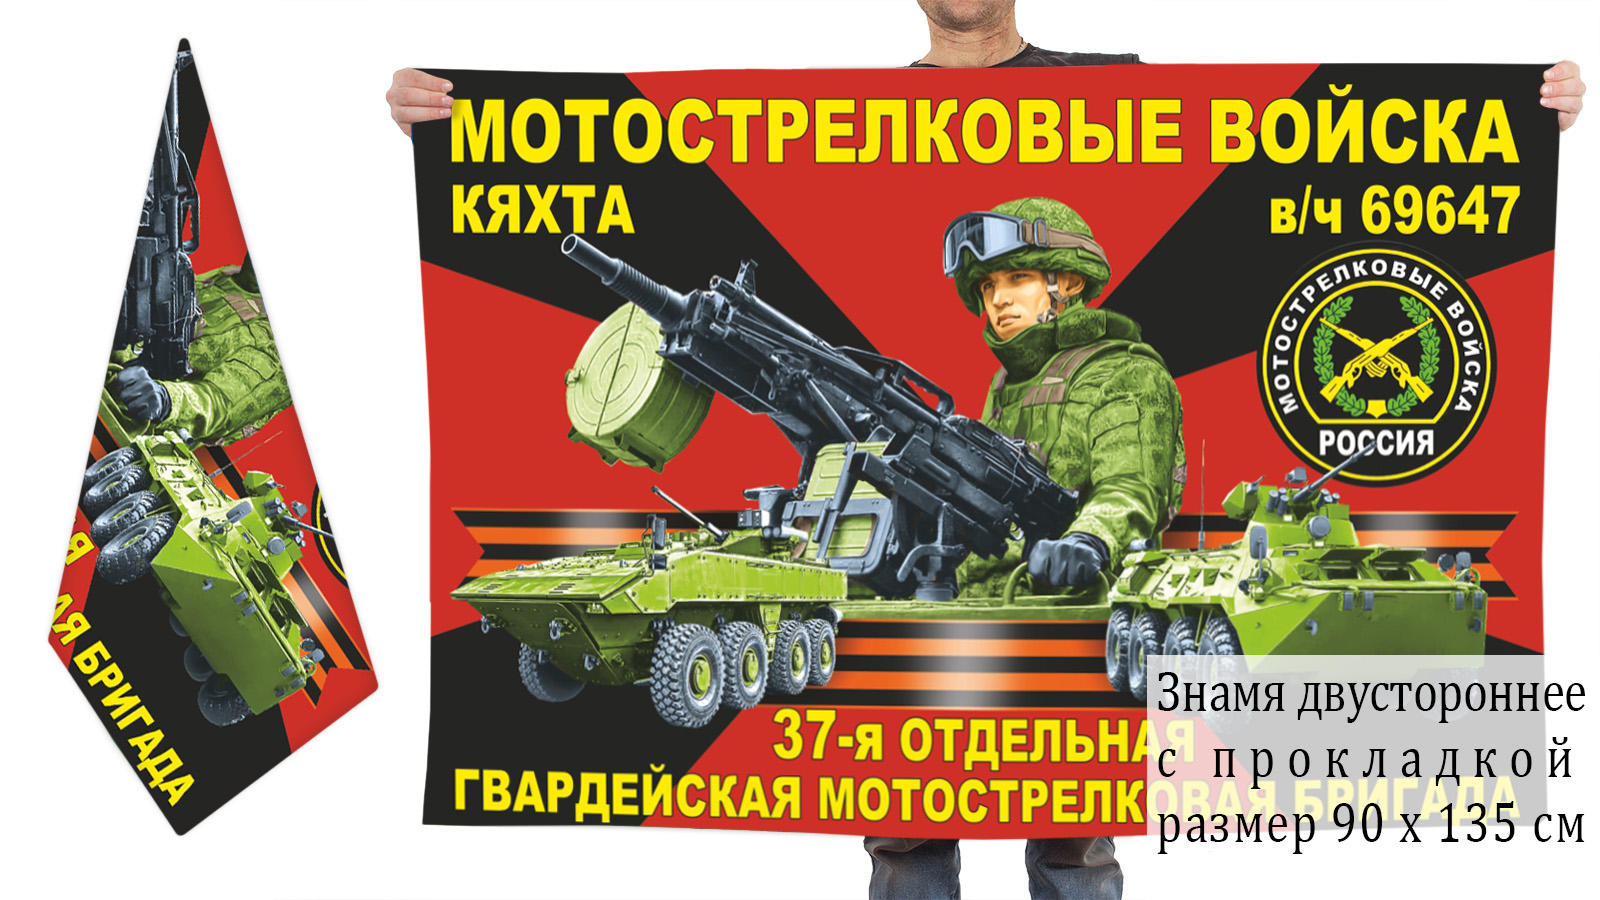 Двусторонний флаг 37 отдельной гвардейской бригады мотострелков